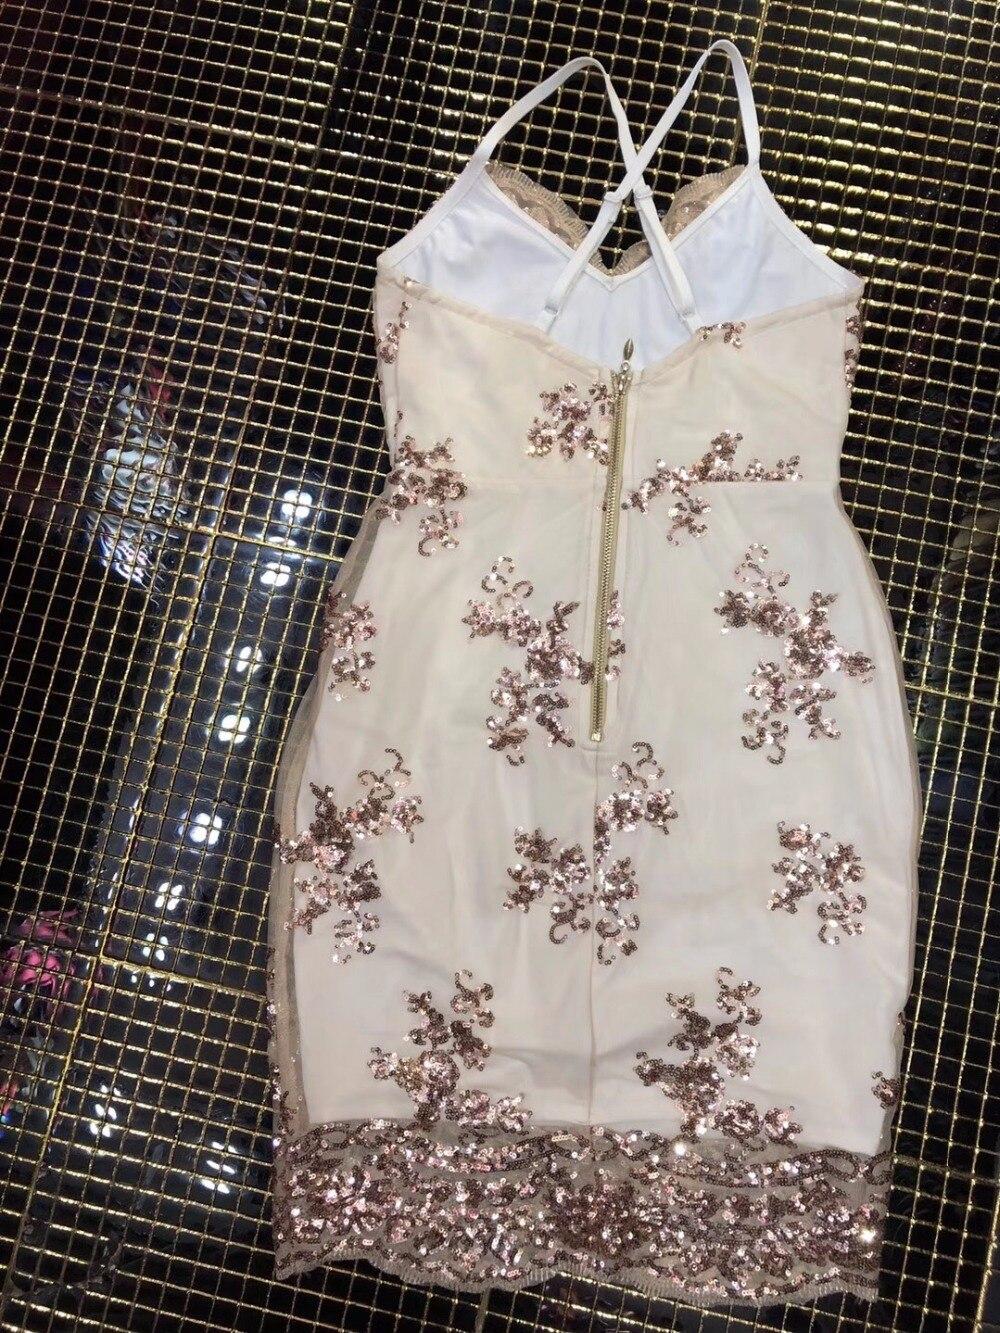 Elegante Strap Shimmer Mini All'ingrosso Maglia Spaghetti Celebrity Abbellito Chic Vestito Sexy Donne Paillettes U5dF1wCU4q